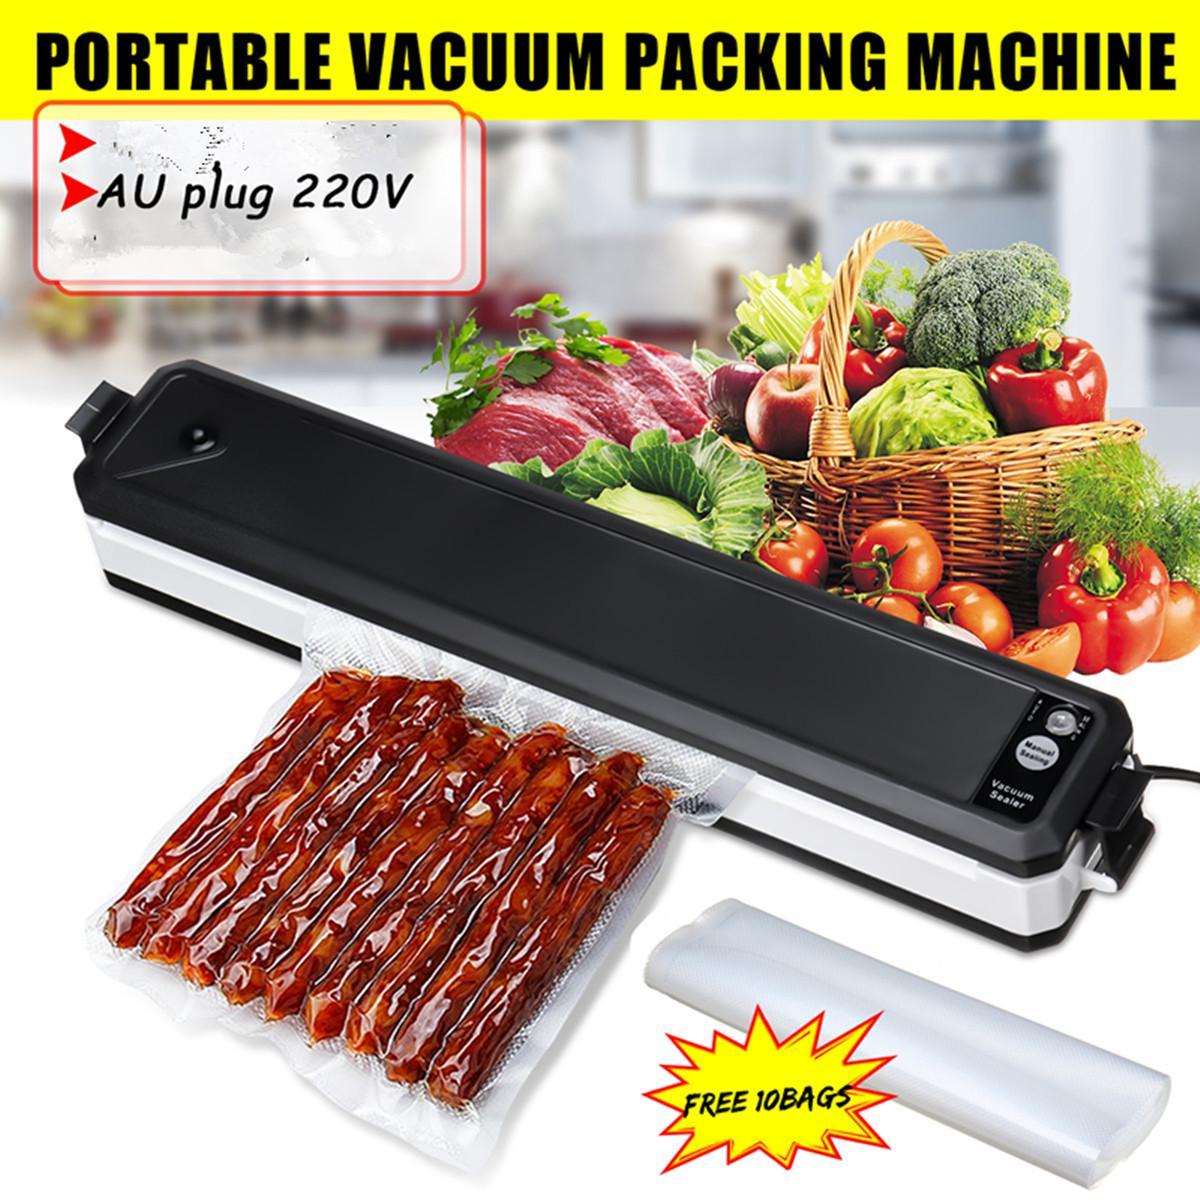 vacuum sealer вакуумный упаковщик